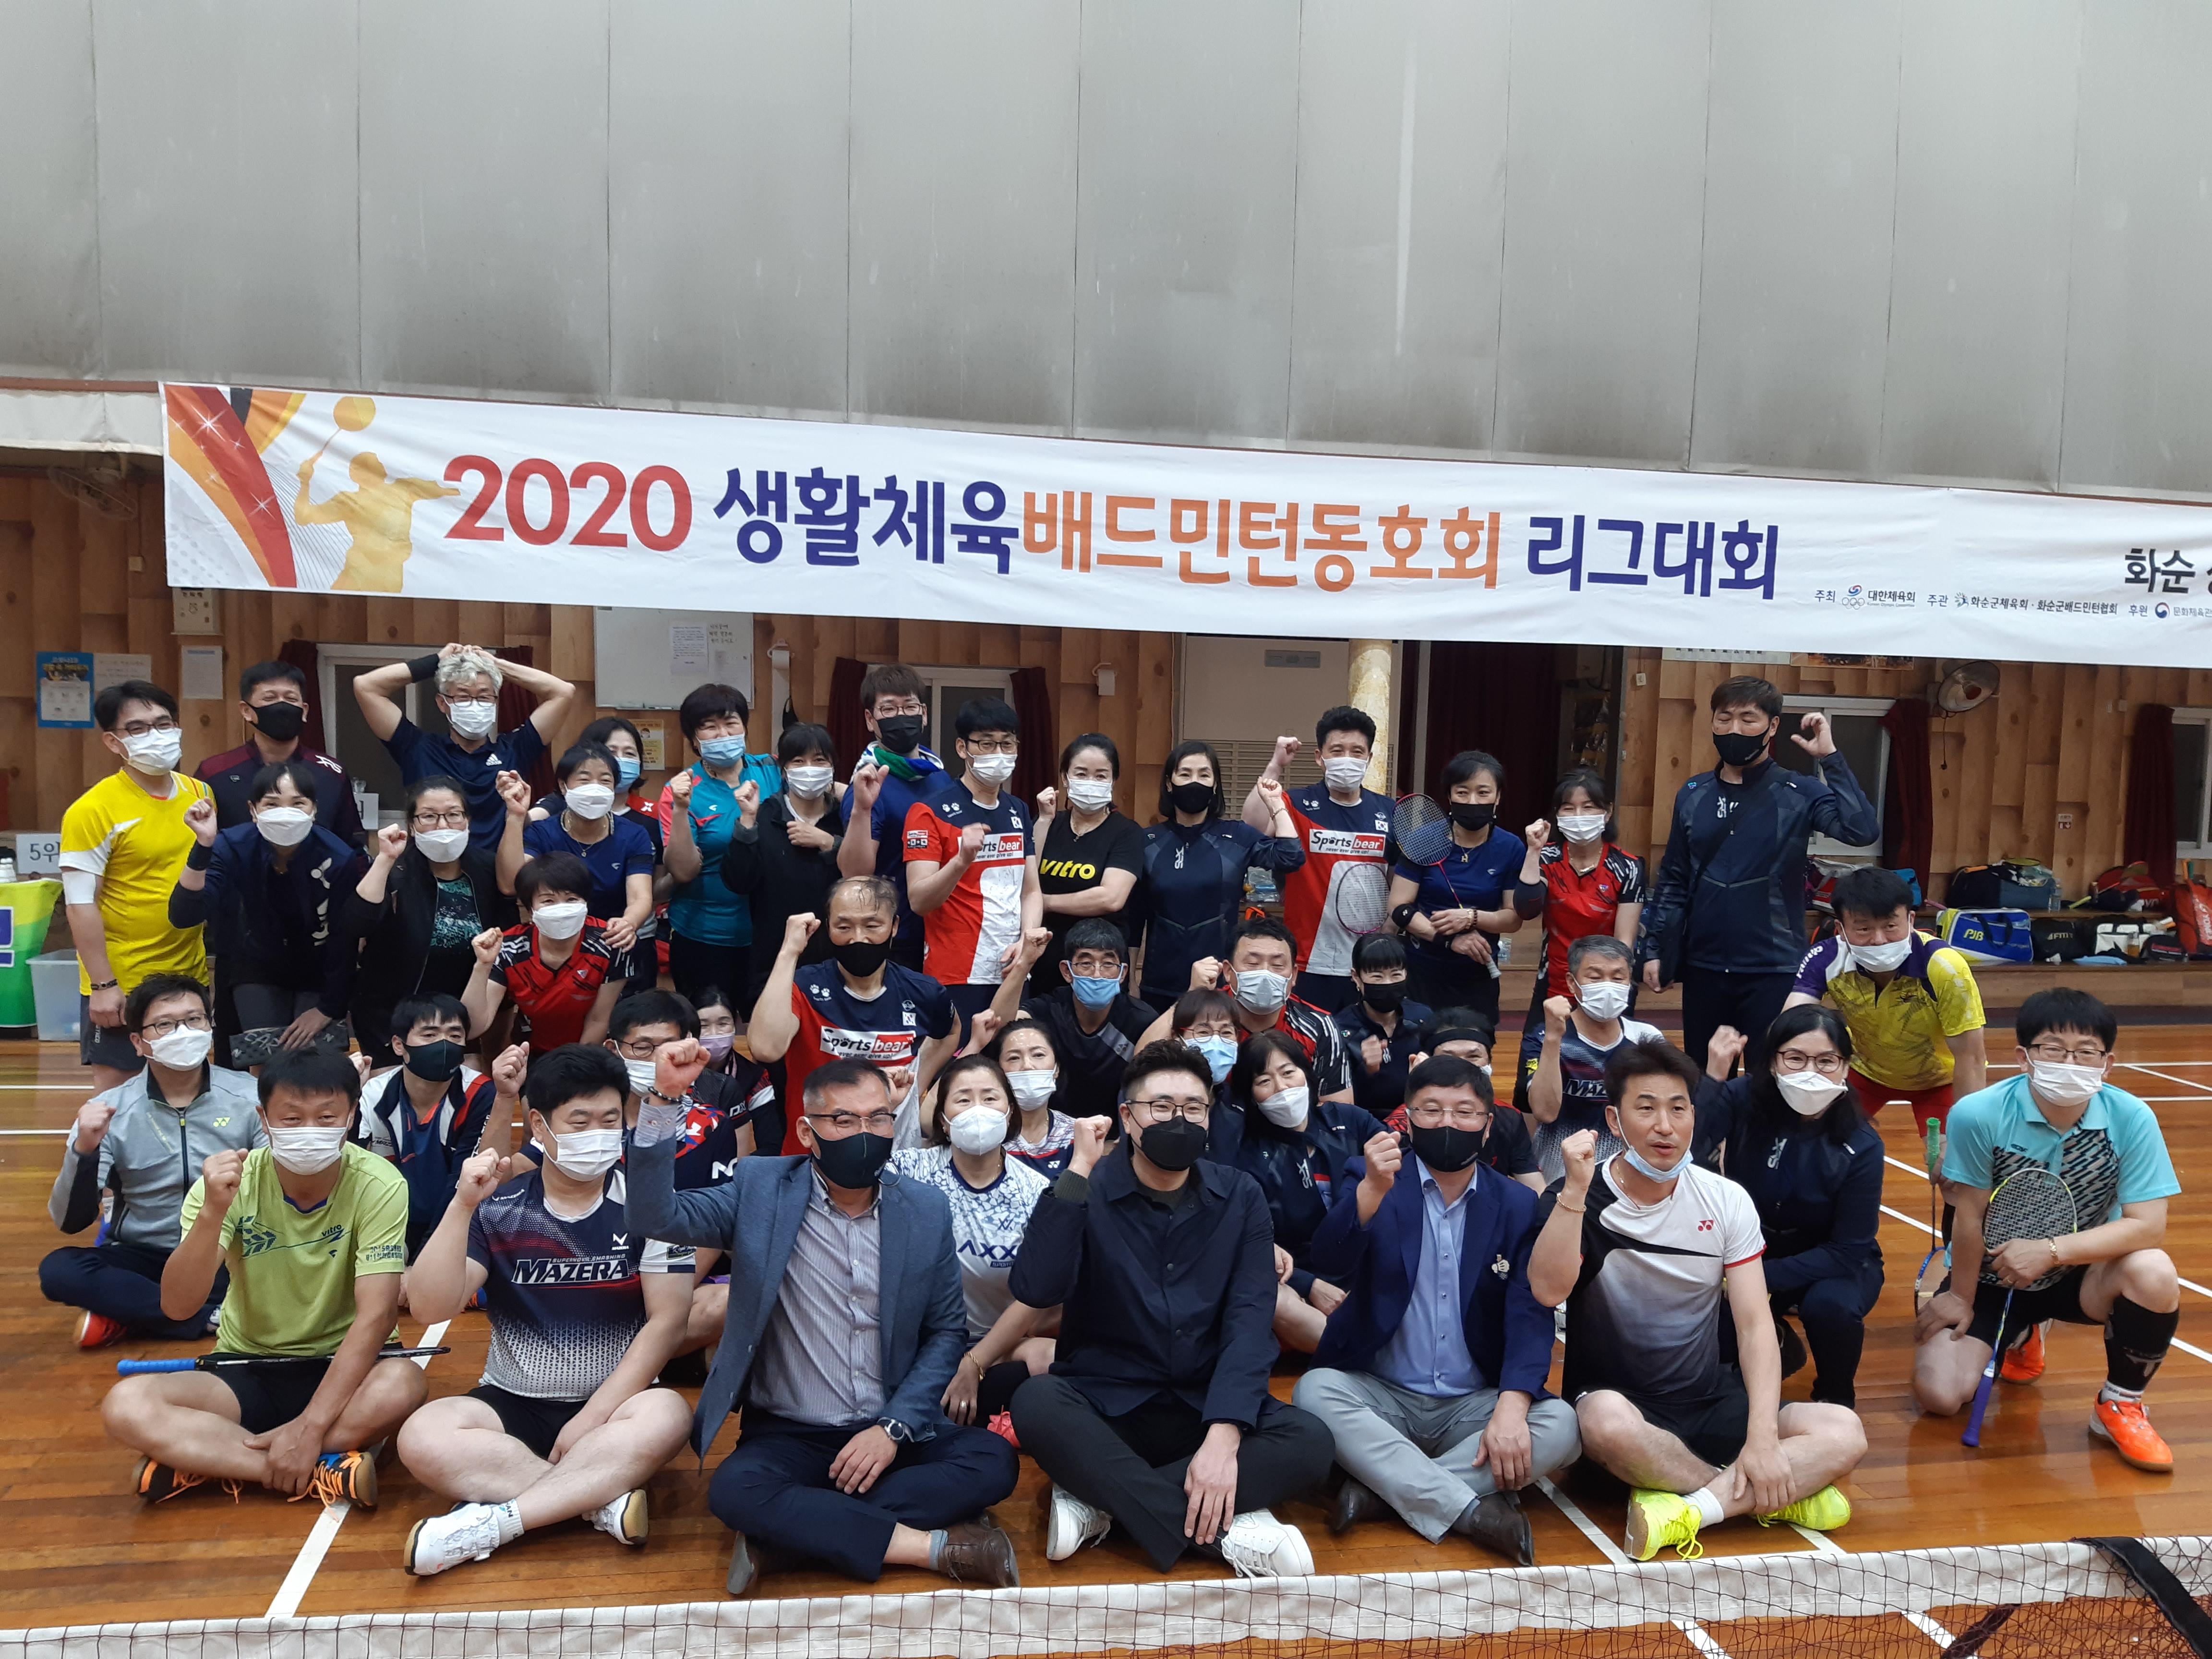 2020년 생활체육동호회리그 배드민턴대회